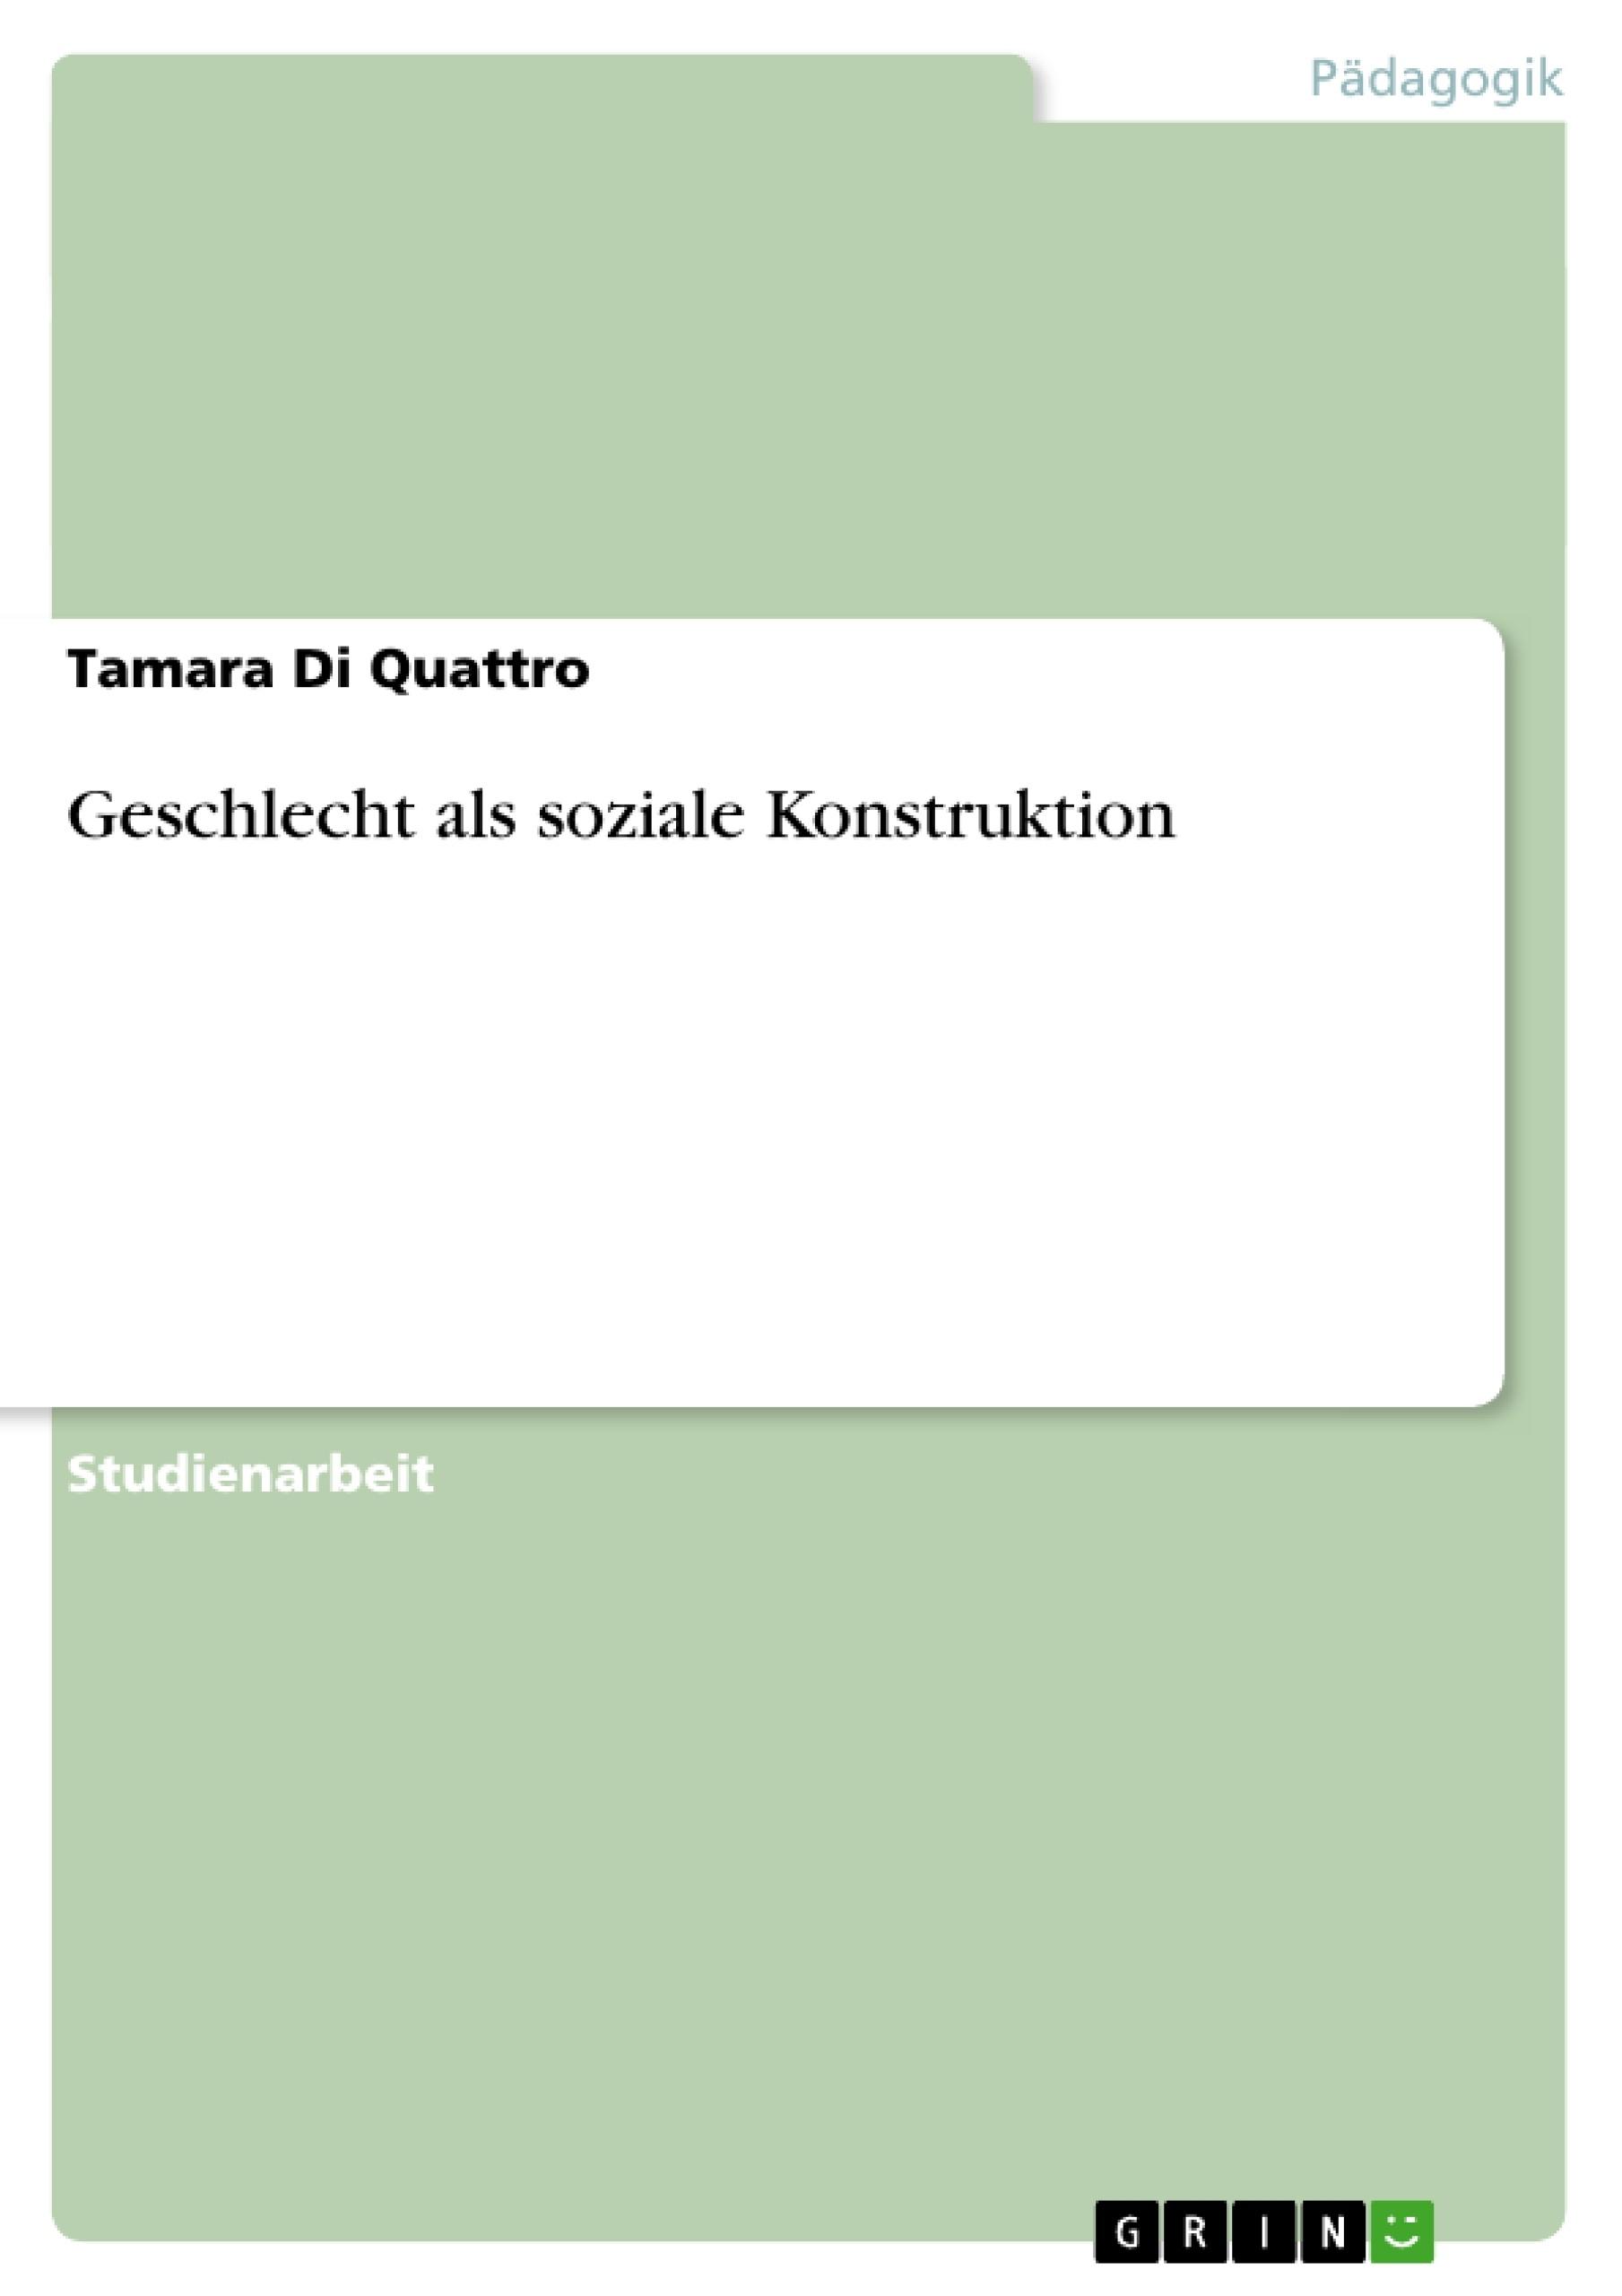 Titel: Geschlecht als soziale Konstruktion